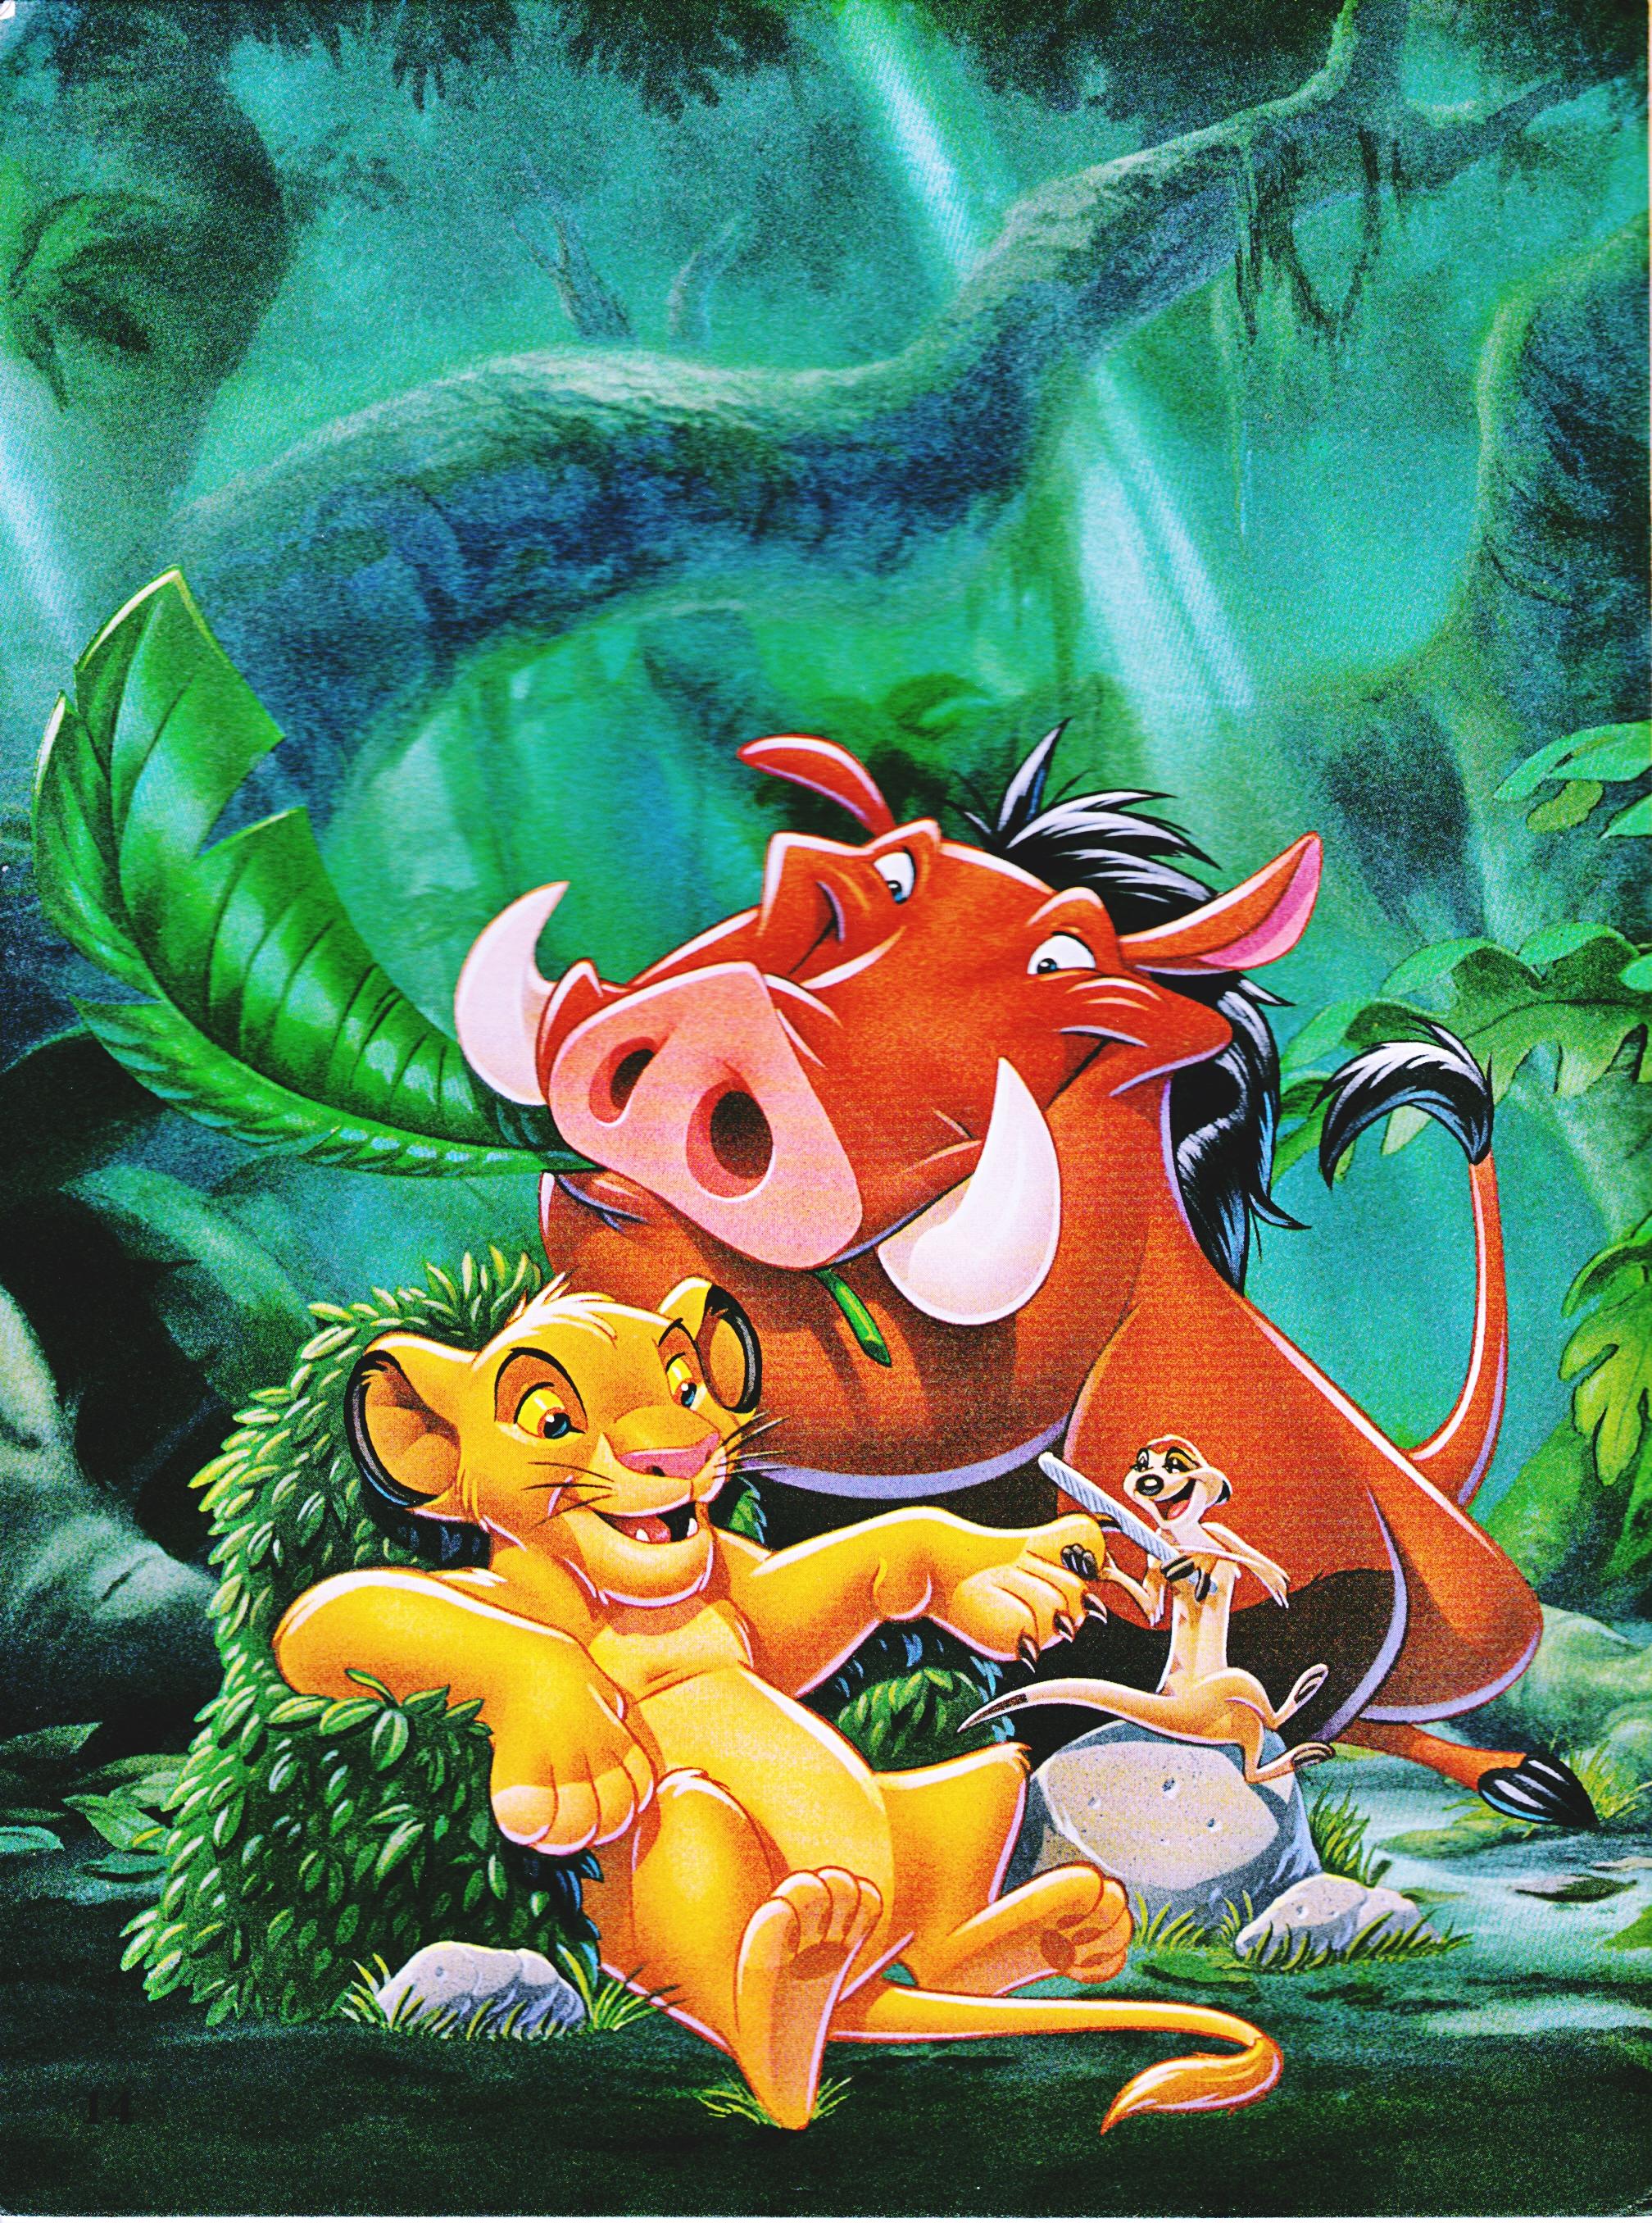 Walt Disney Book images - Simba, Pumbaa & Timon